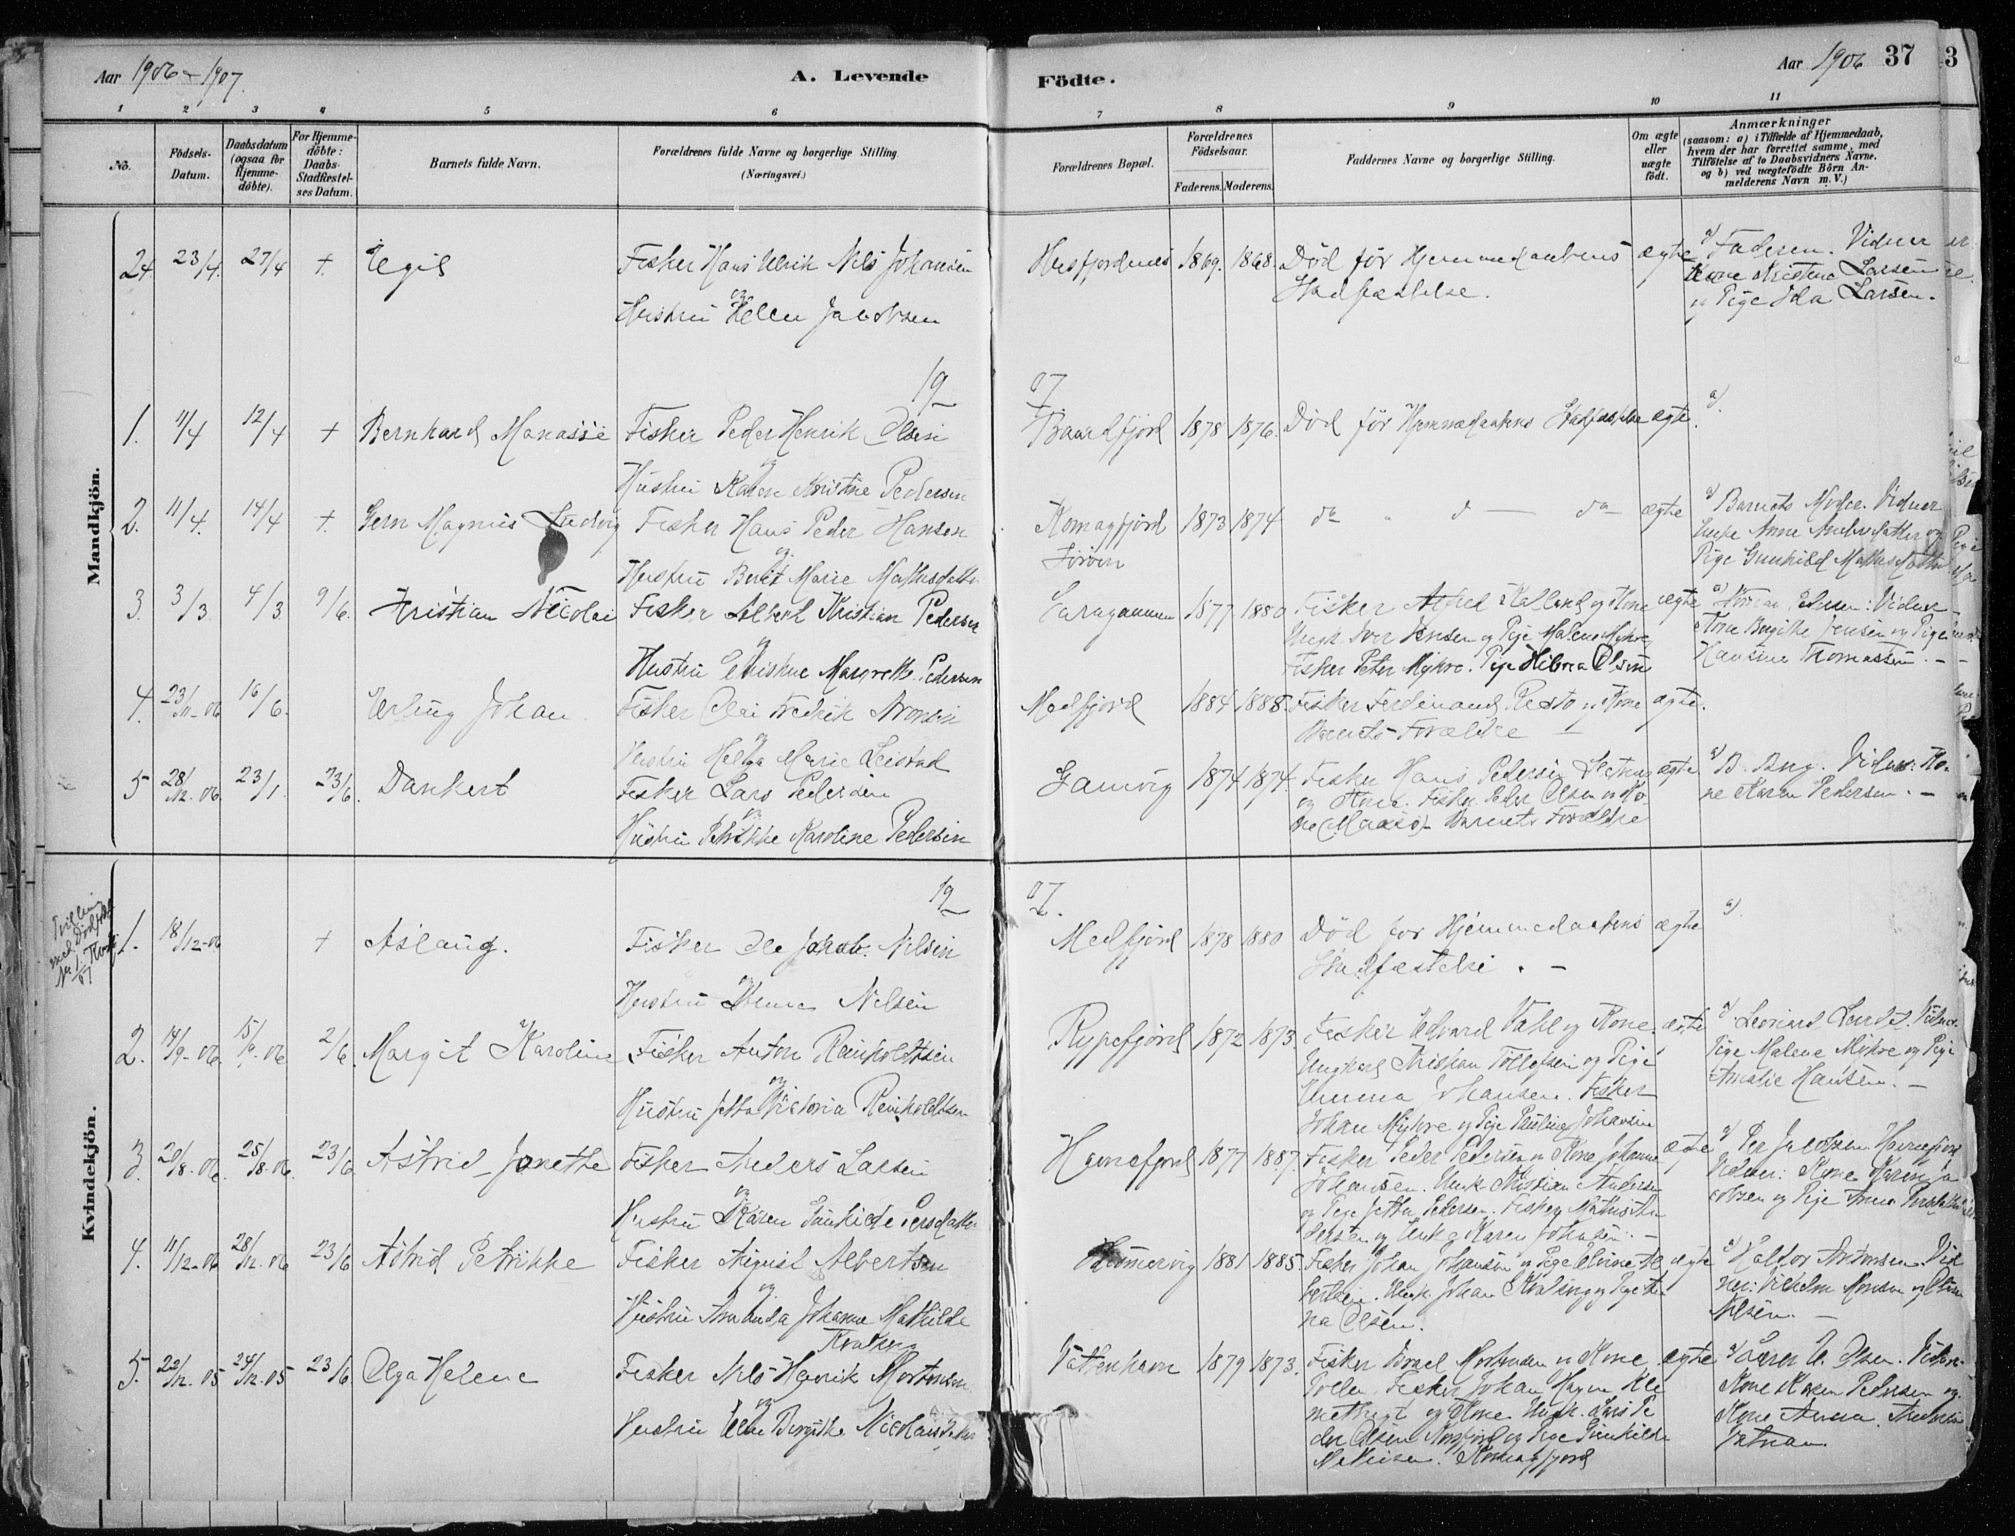 SATØ, Hammerfest sokneprestkontor, H/Ha/L0013.kirke: Ministerialbok nr. 13, 1898-1917, s. 37